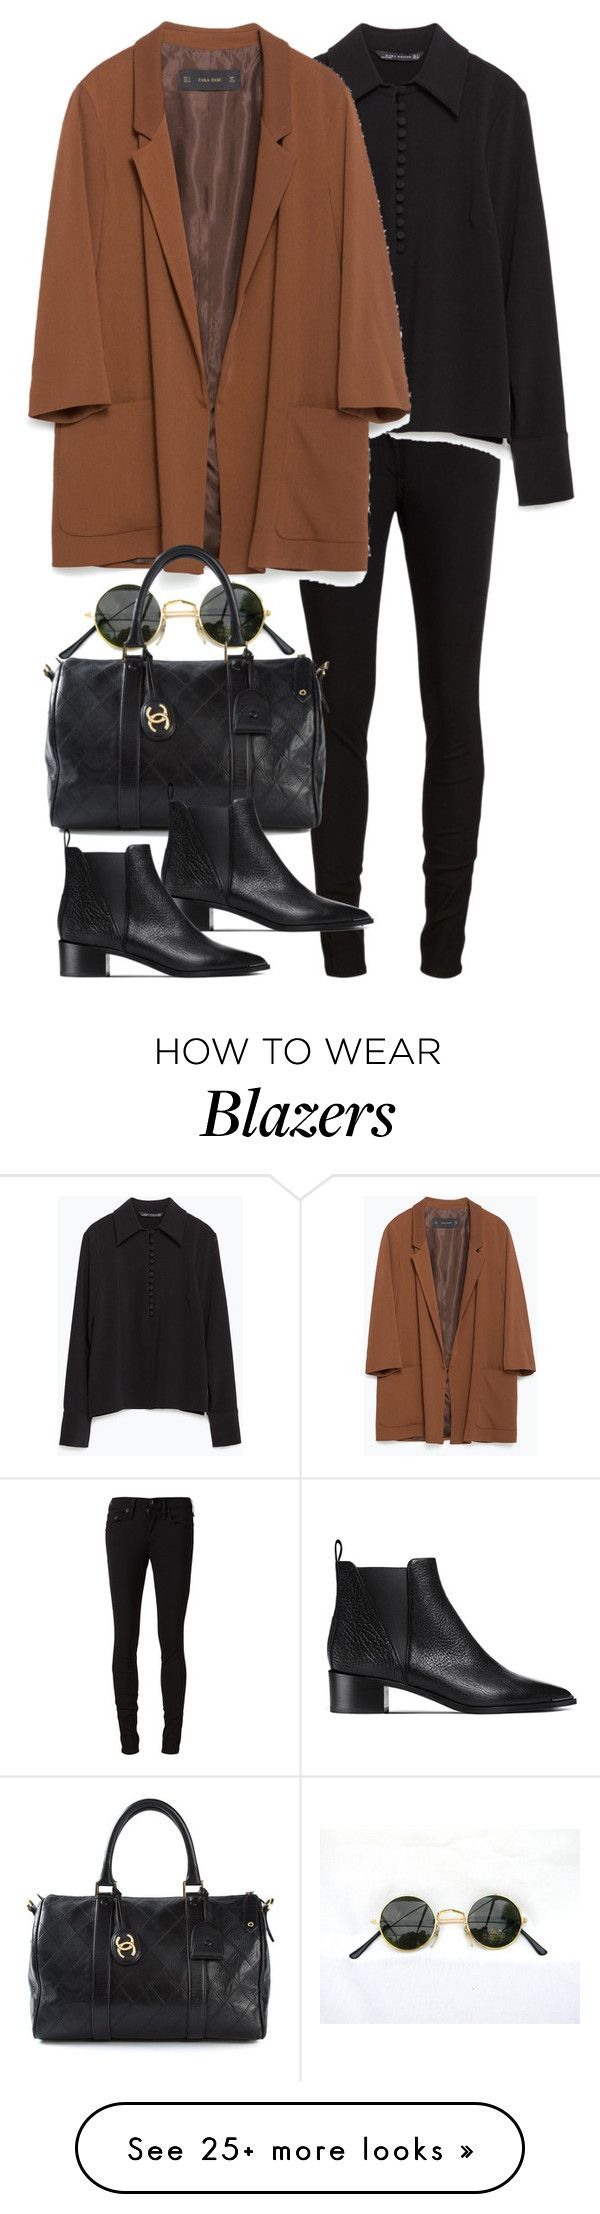 best zara style images on pinterest casual wear feminine